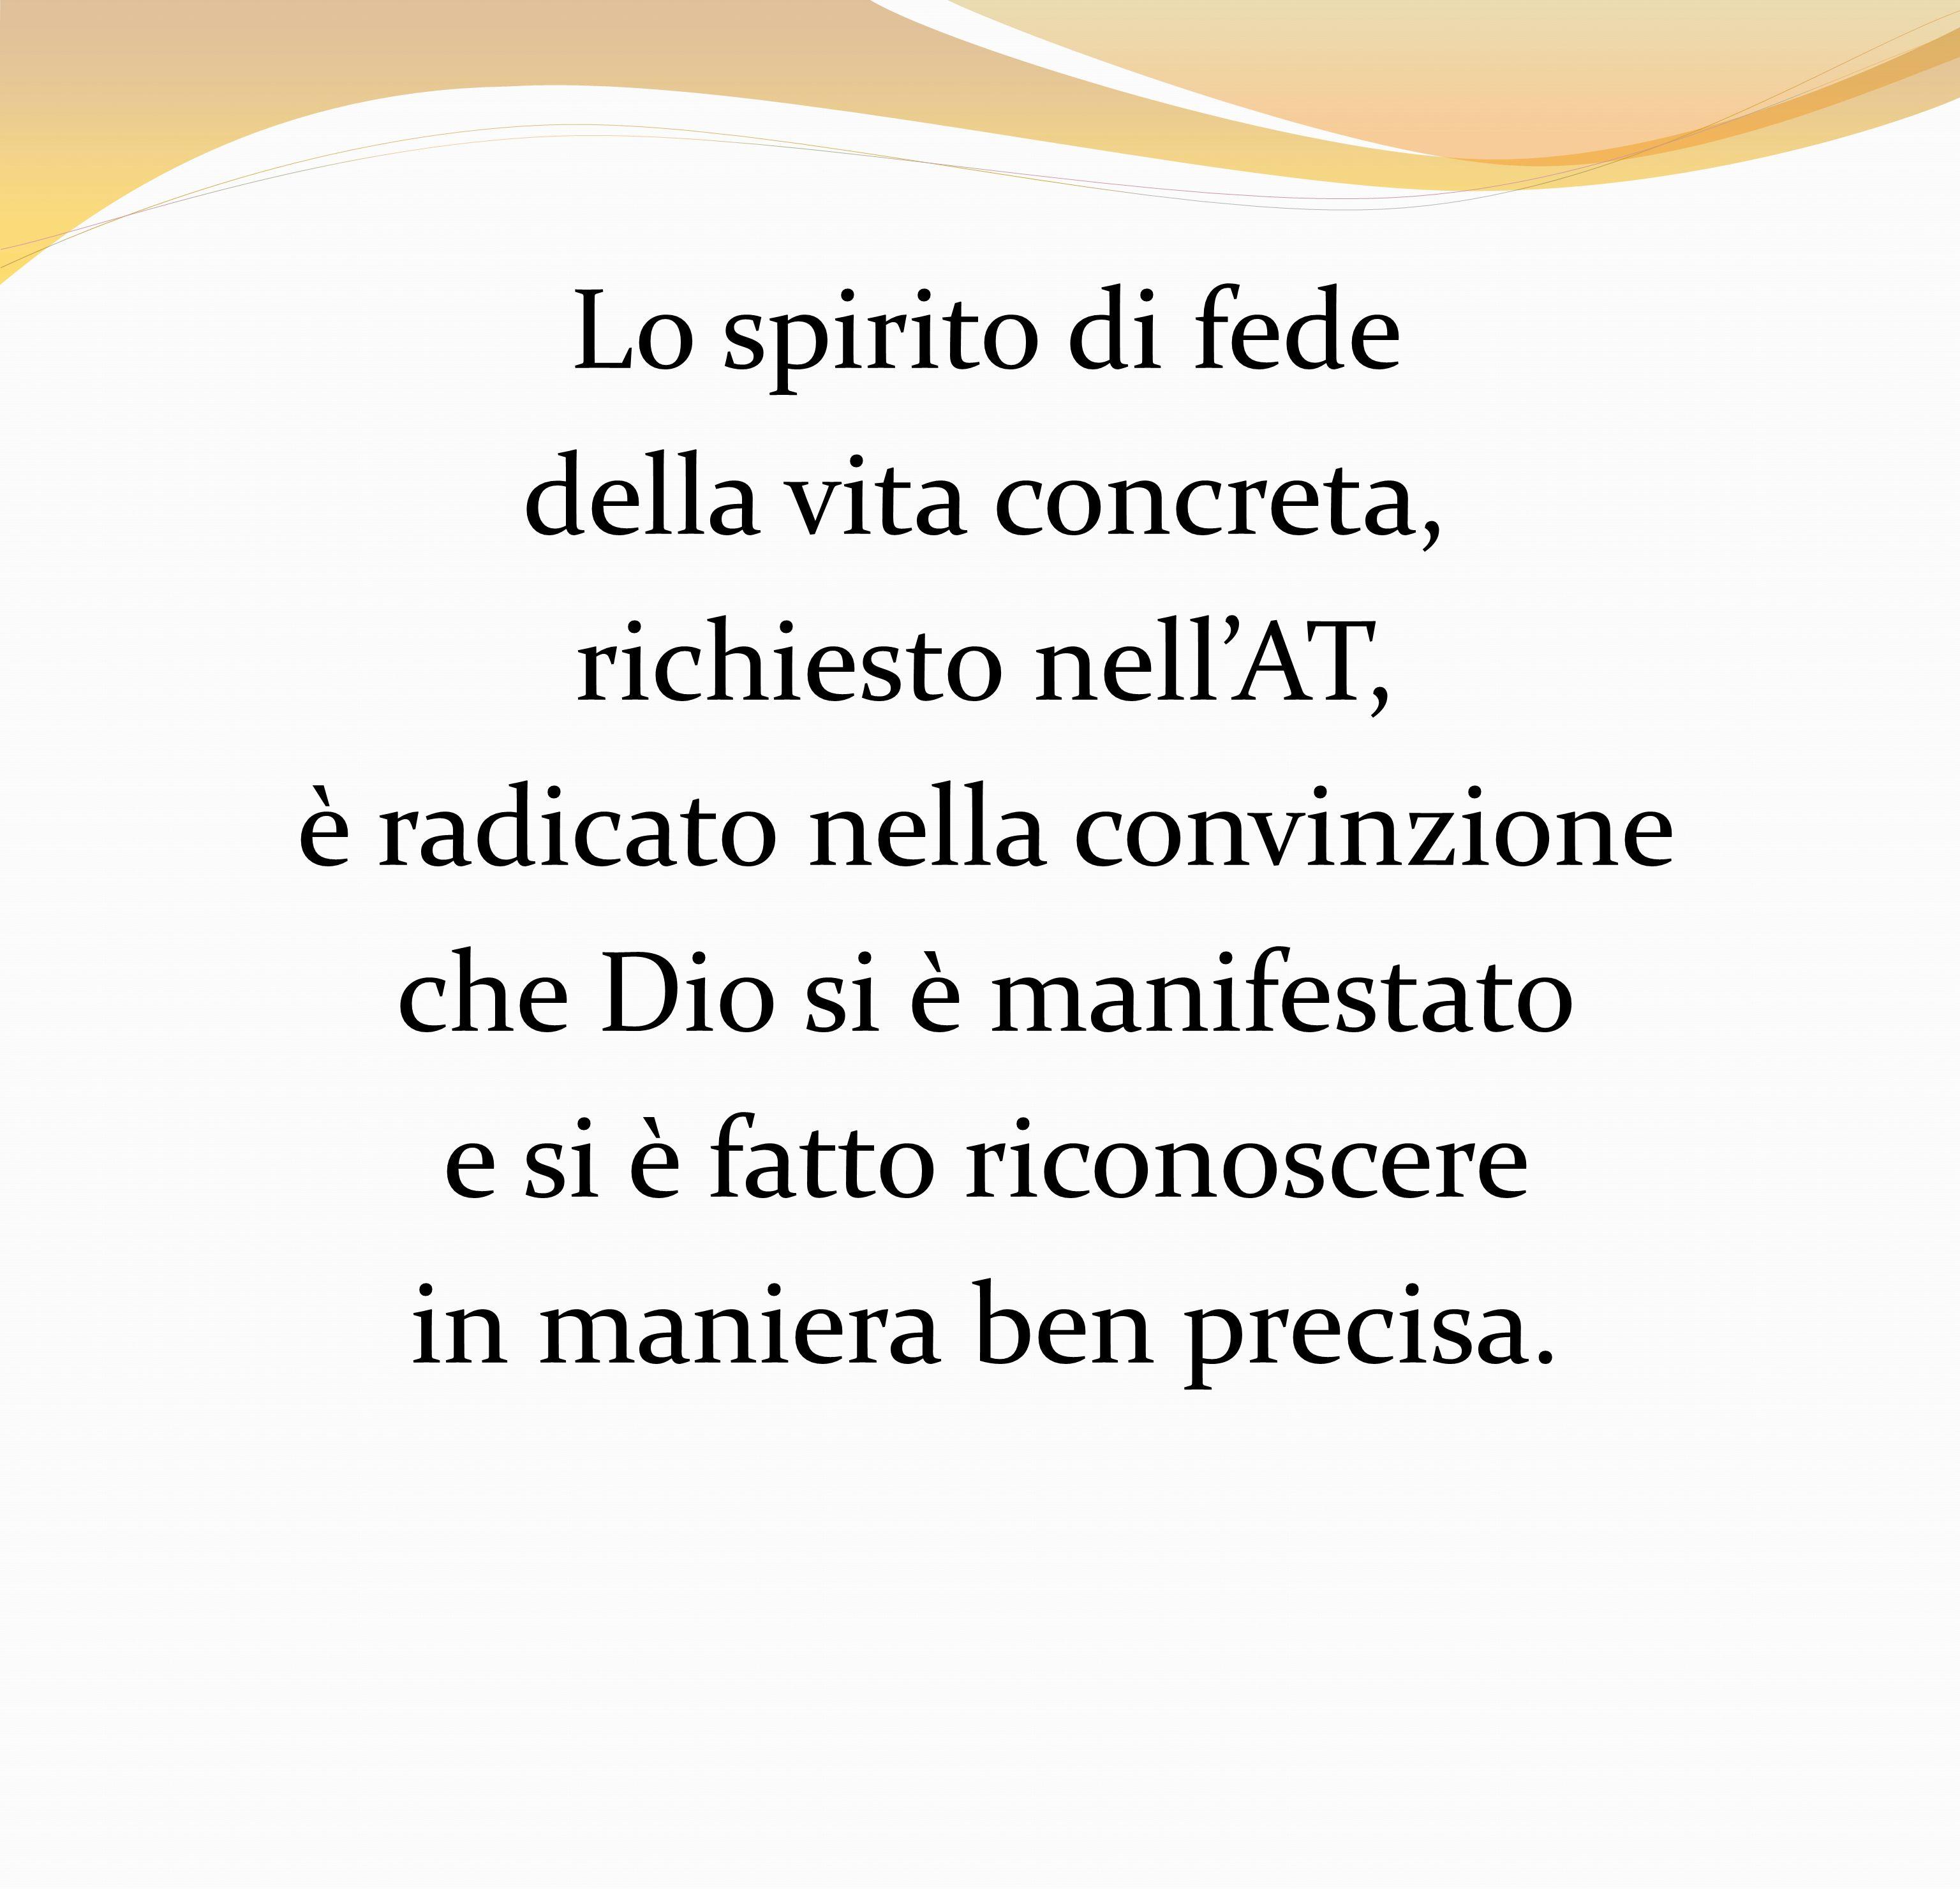 Lo spirito di fede della vita concreta, richiesto nell'AT, è radicato nella convinzione che Dio si è manifestato e si è fatto riconoscere in maniera ben precisa.